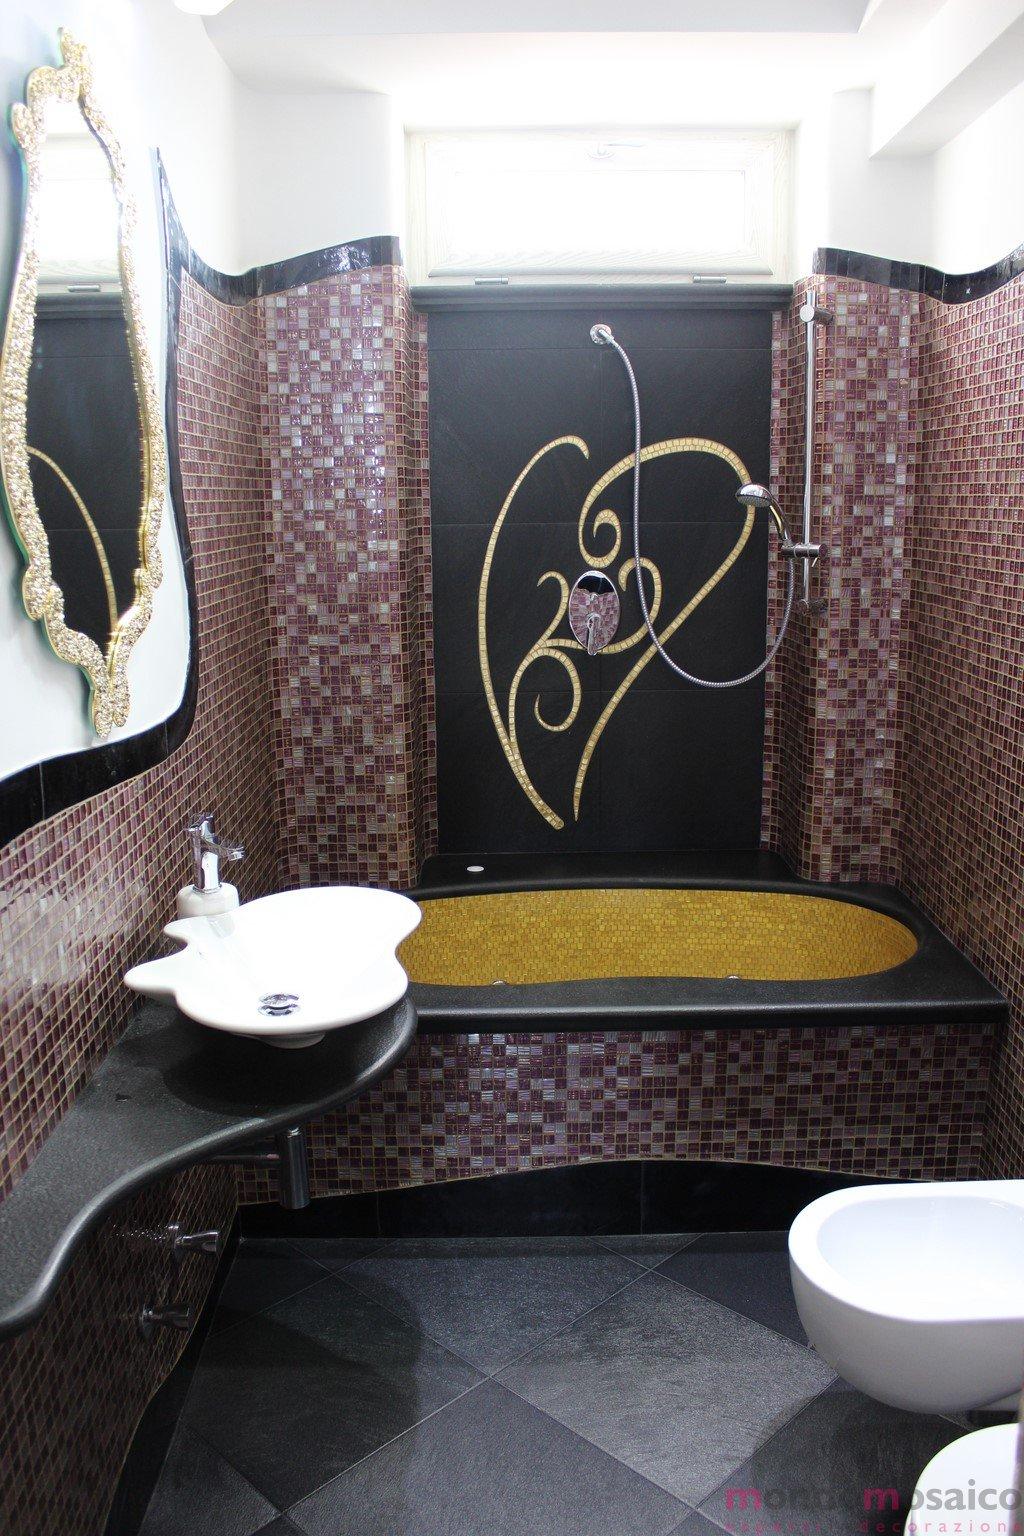 Bagno in mosaico viola e oro mondo mosaico italia - Piastrelle viola bagno ...